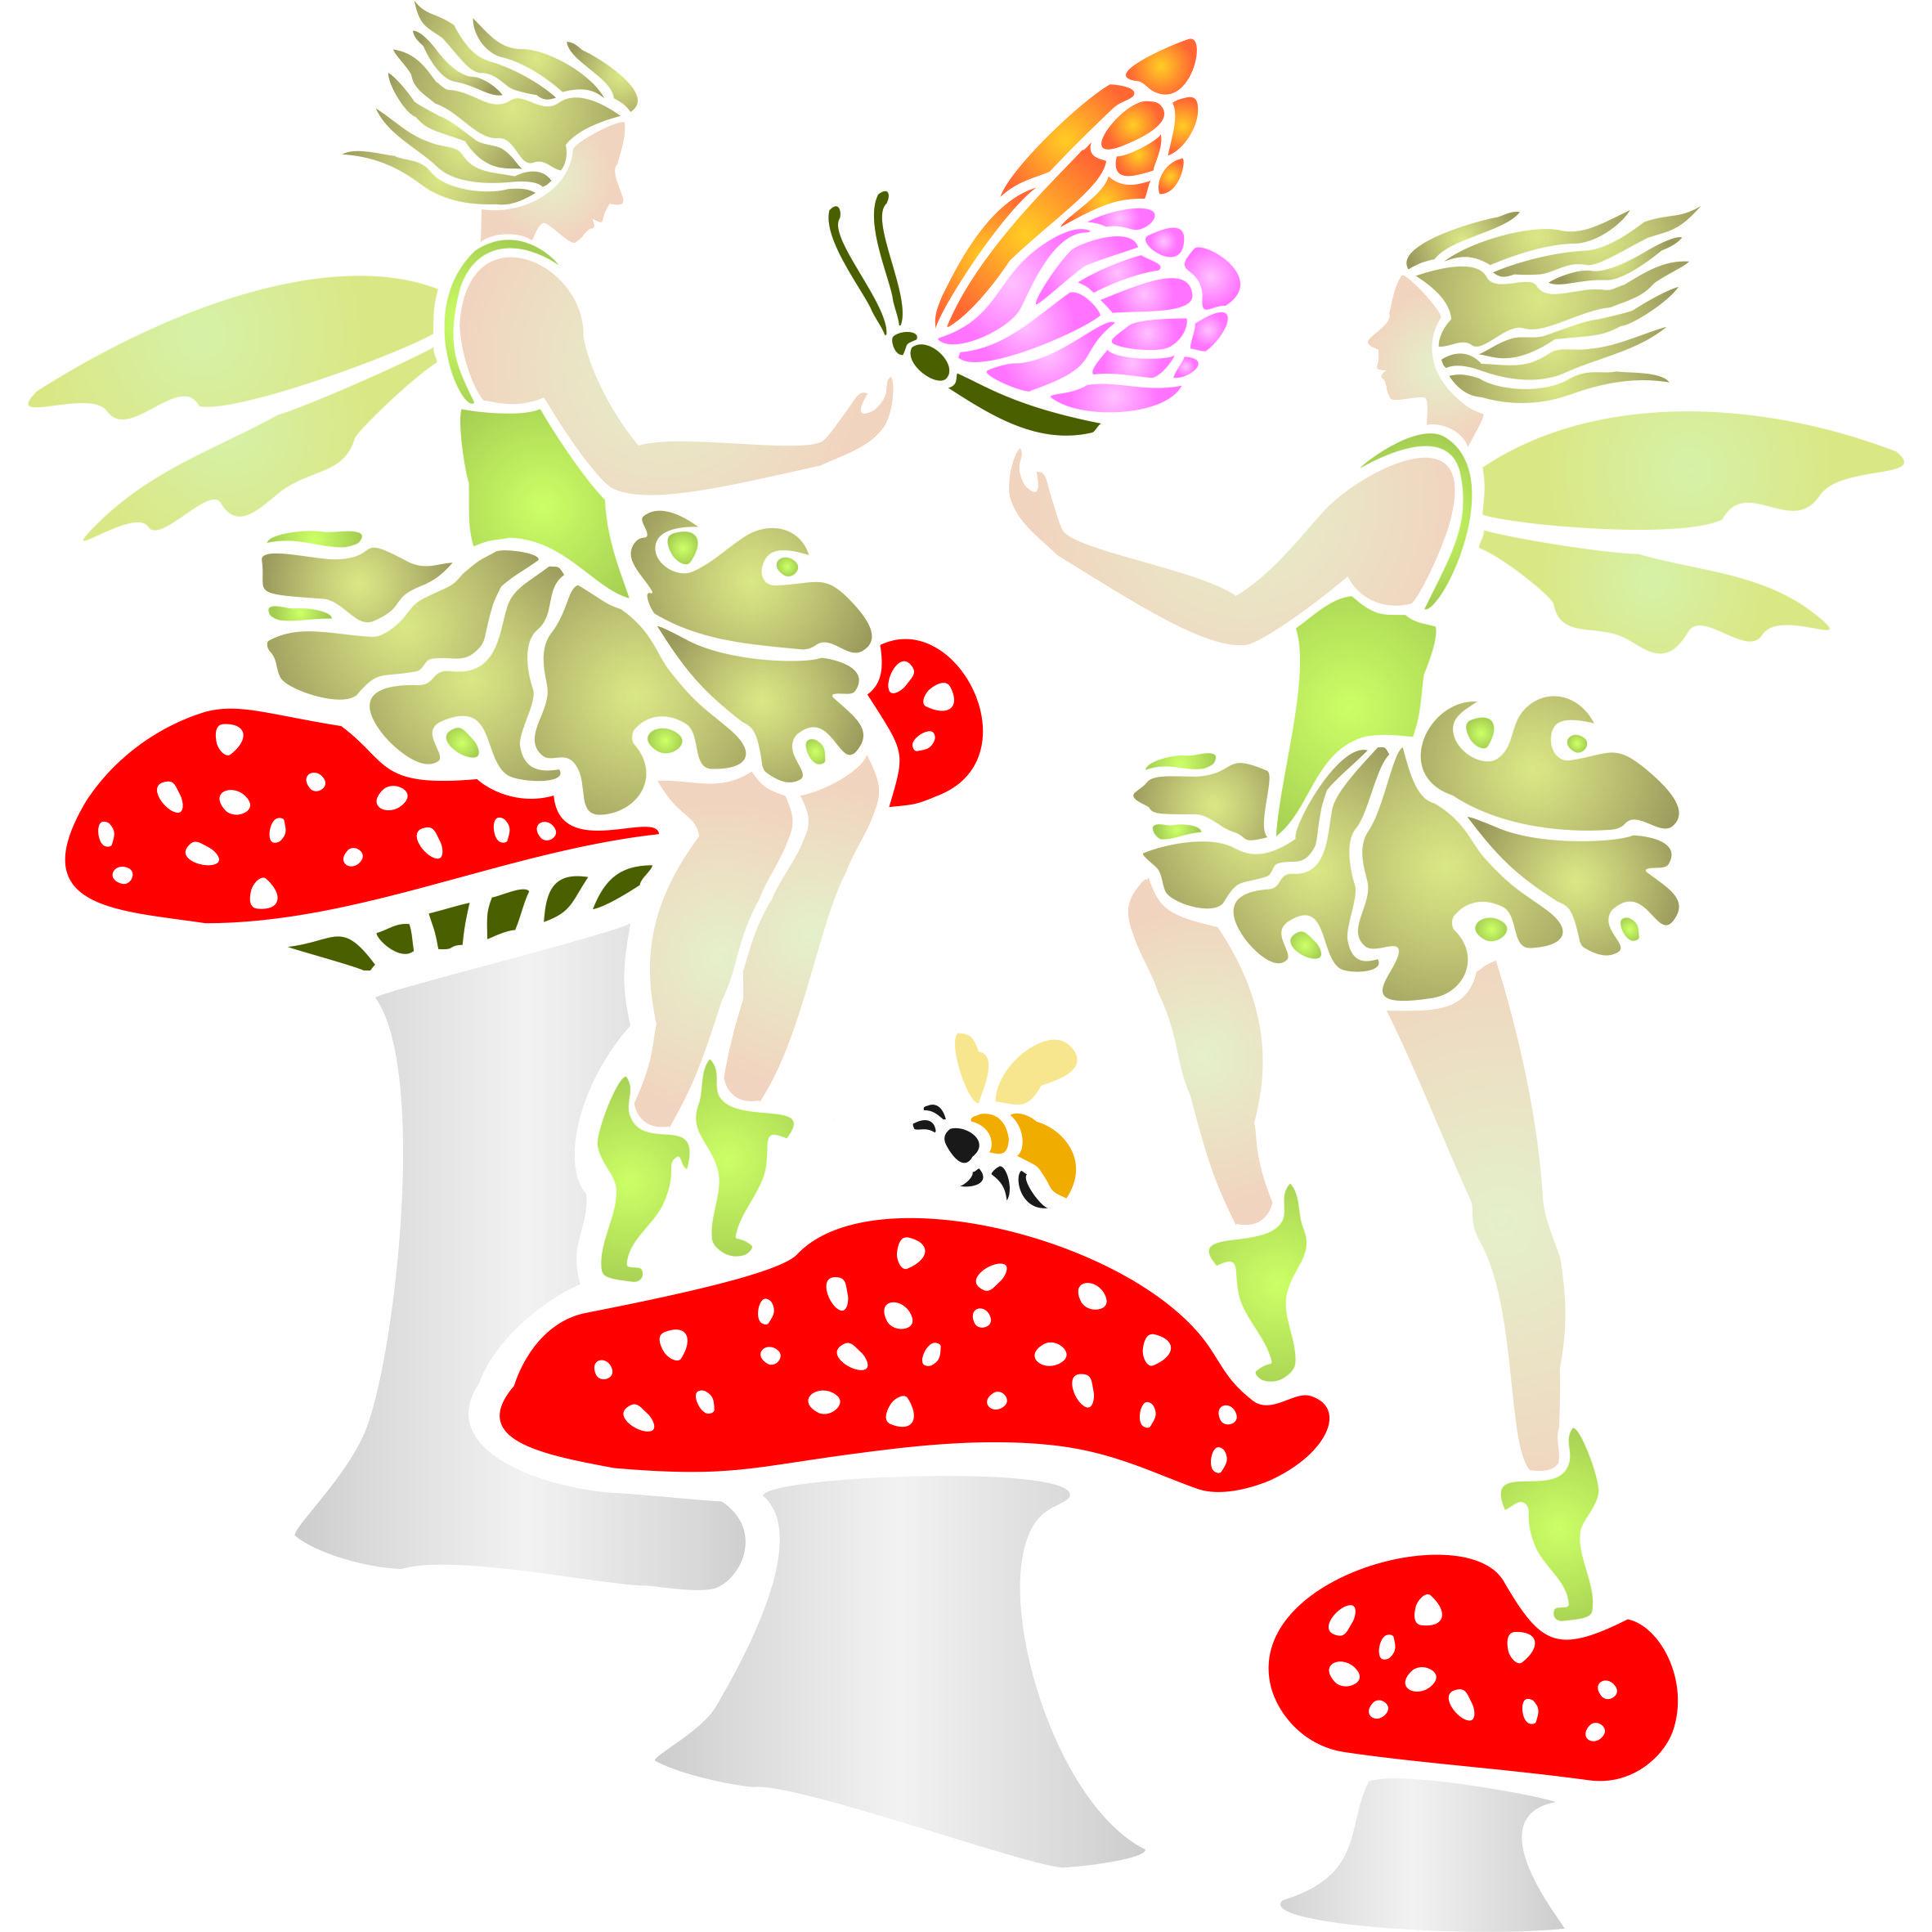 Toadstool Fairies Stencilhttpamazondpb01fm0yi64m